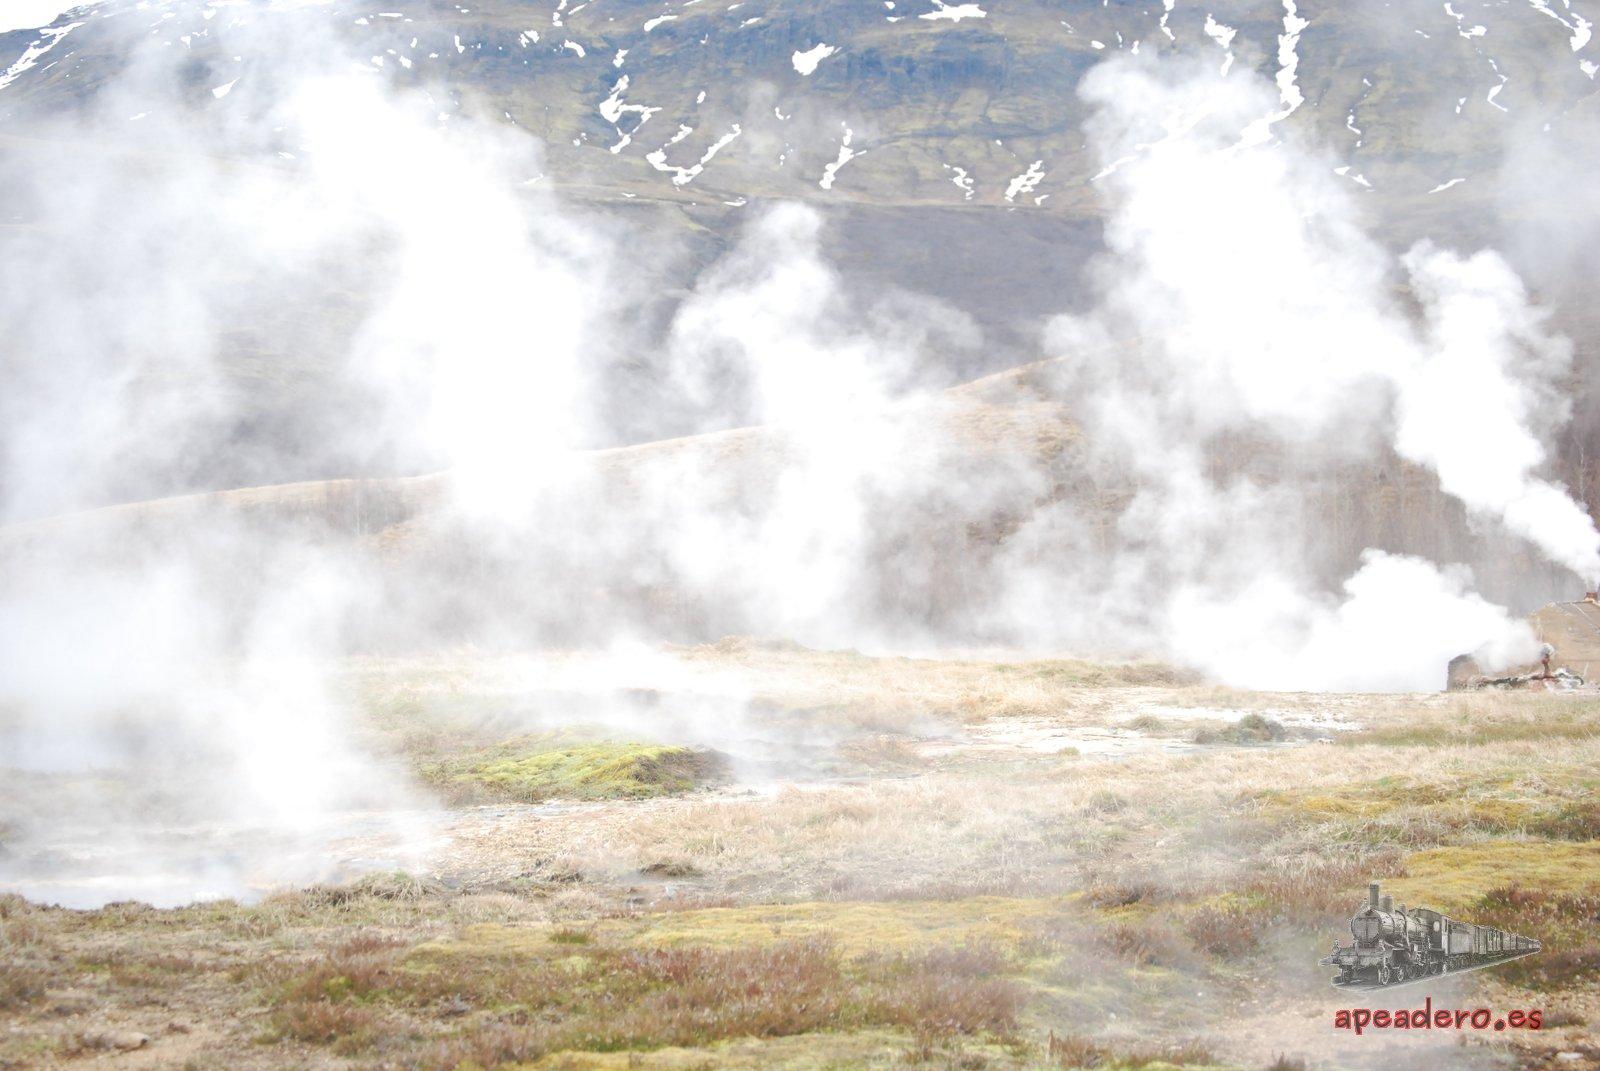 El área de Geysir es un campo lleno de suelos que emanan vapor, geisers y piscinas de lodo.